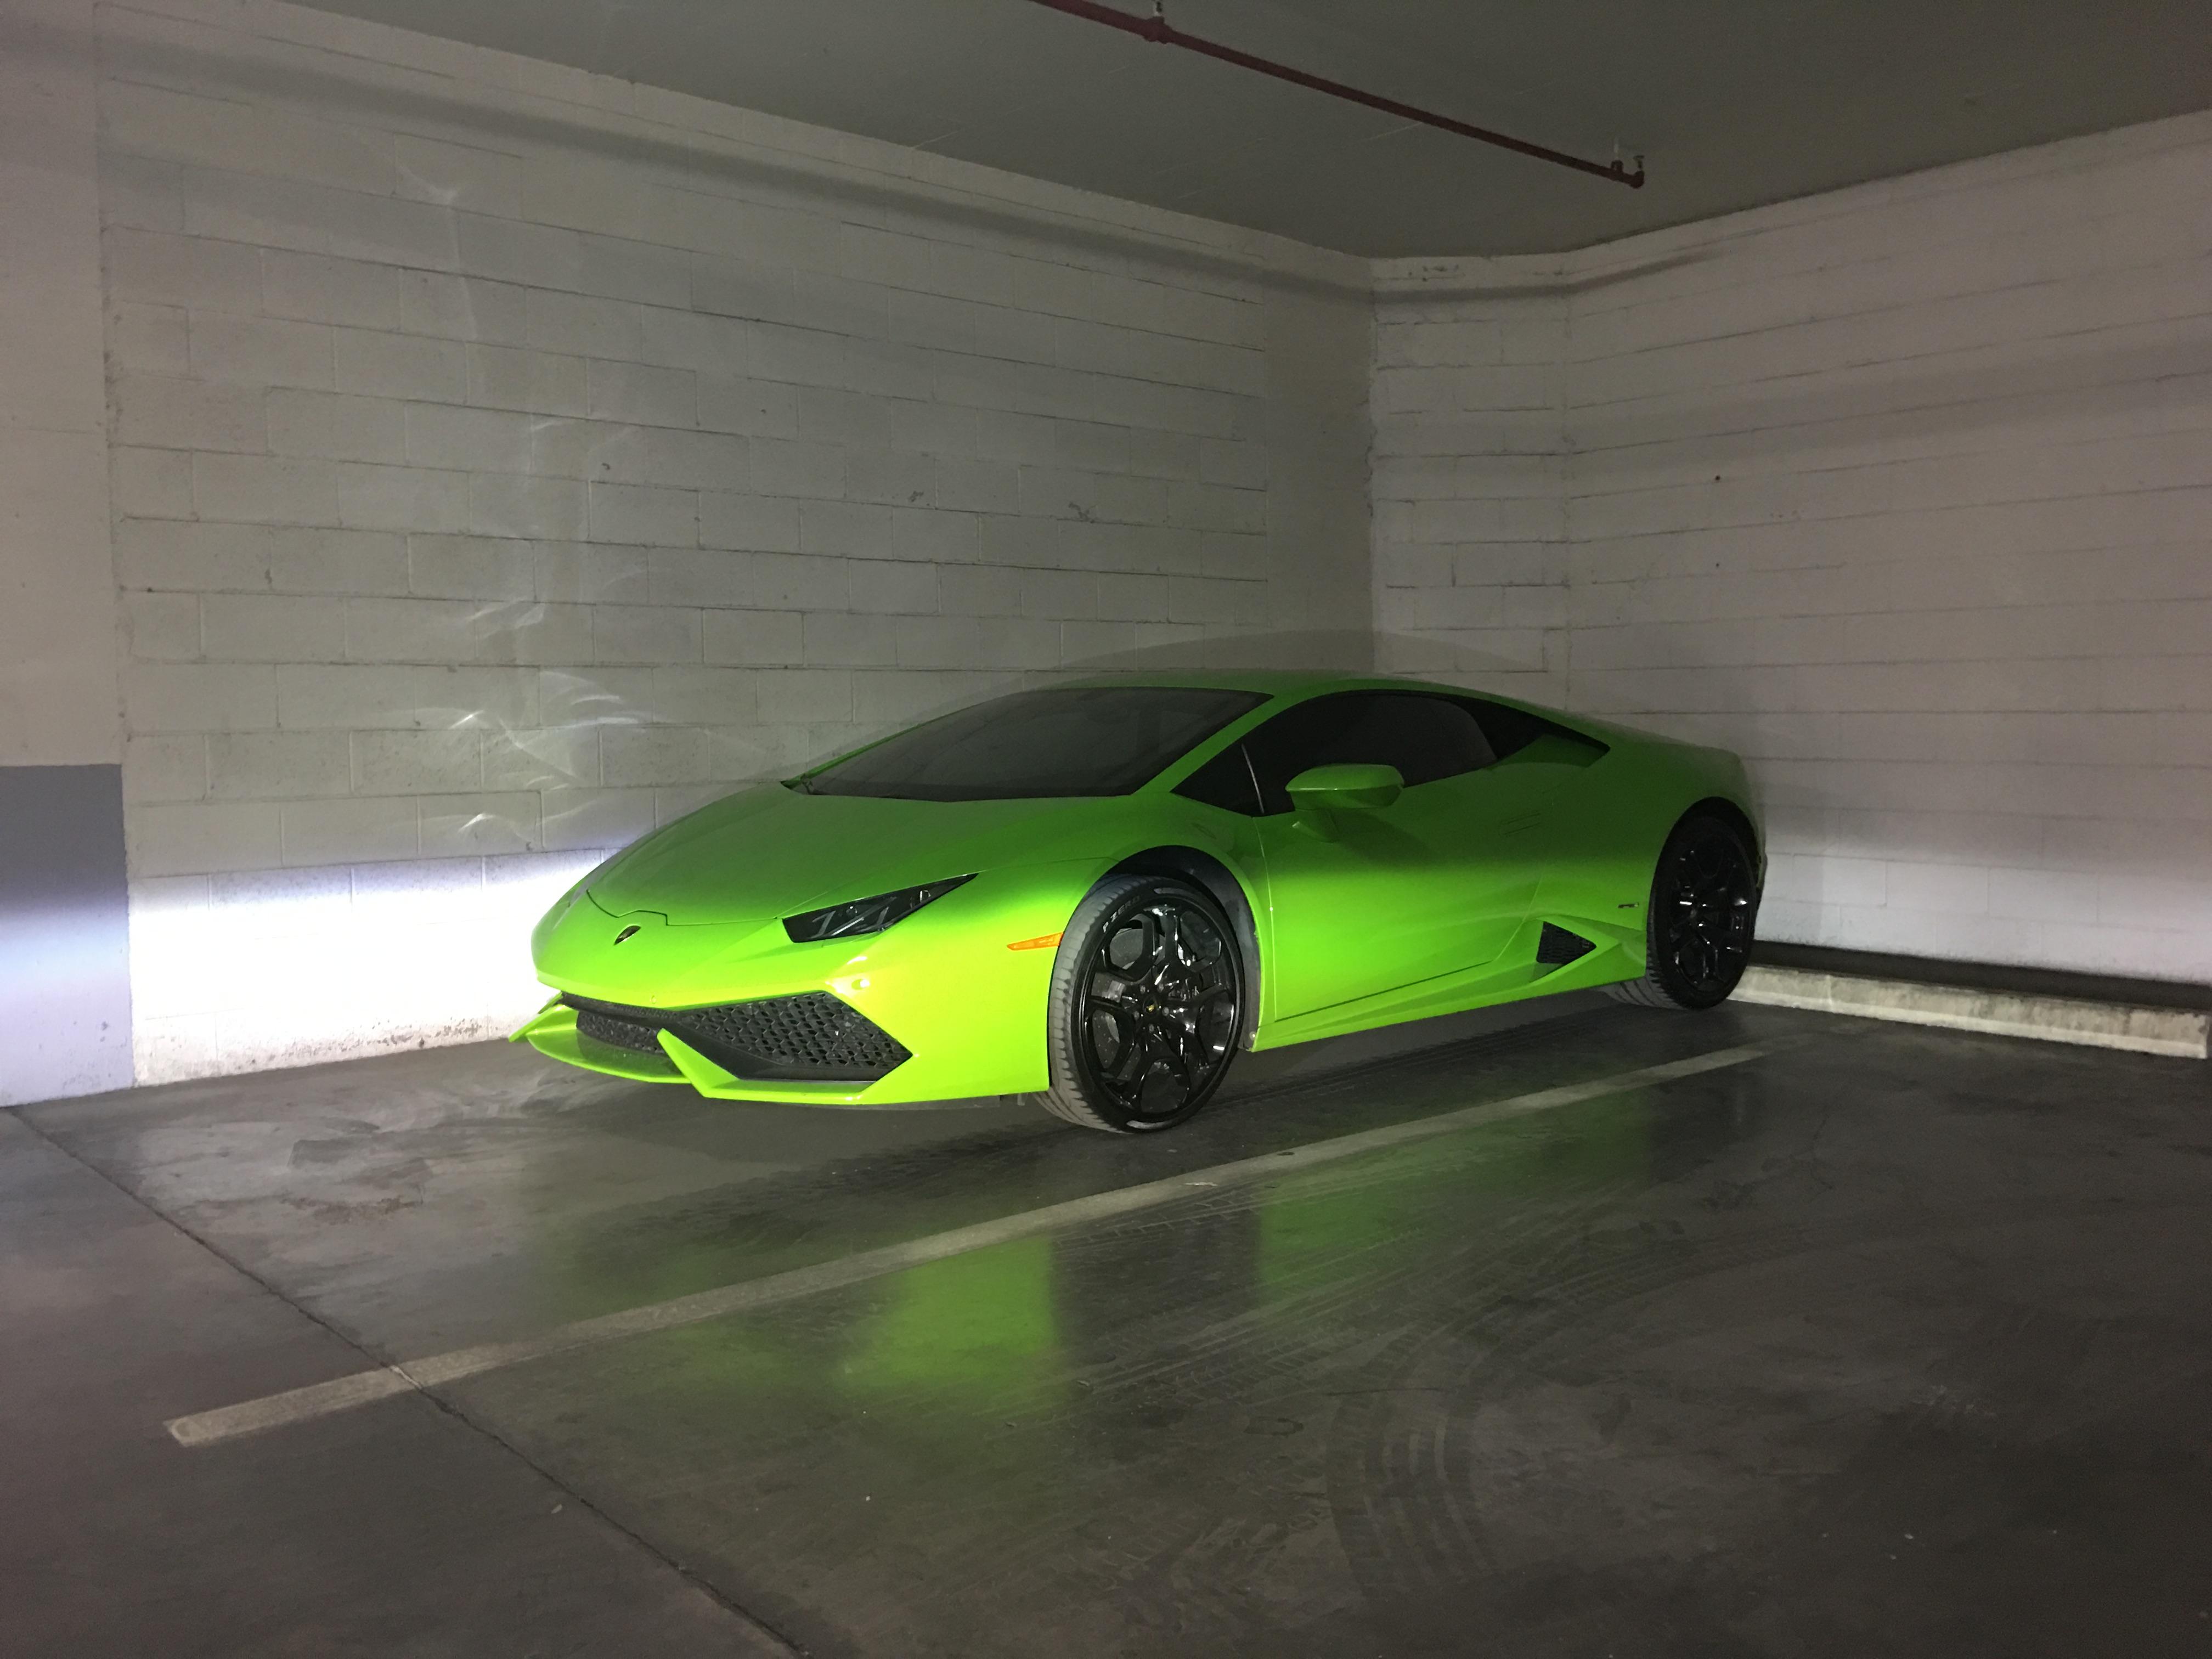 Las Vegas Best Car Rental Weekly Rates